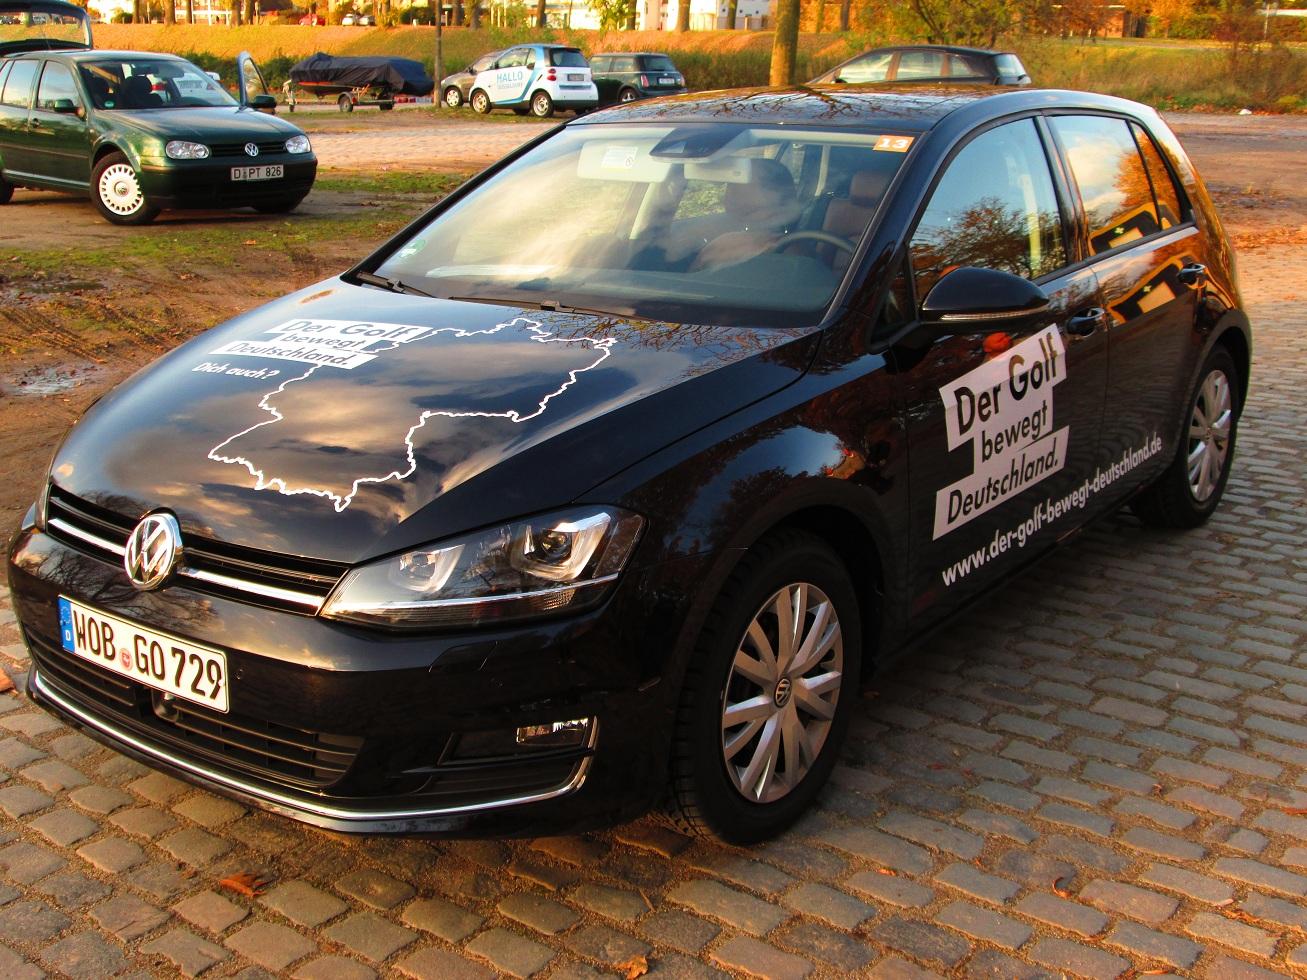 Test neuer VW Golf VII  Alle Daten und Assistenzsysteme  f58fcc689277